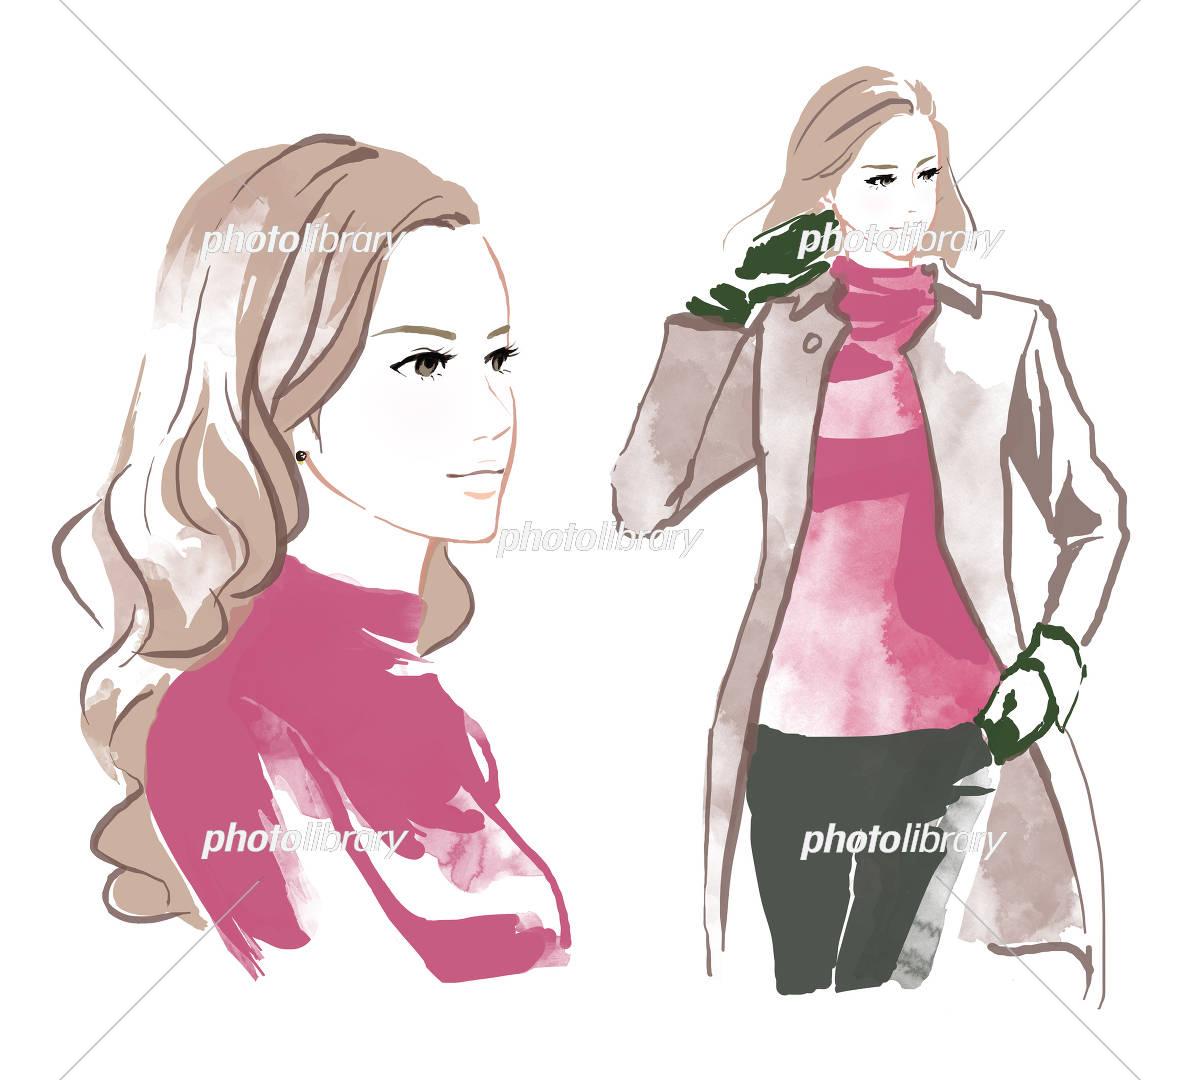 綺麗な女性 イラスト素材 5527976 フォトライブラリー Photolibrary